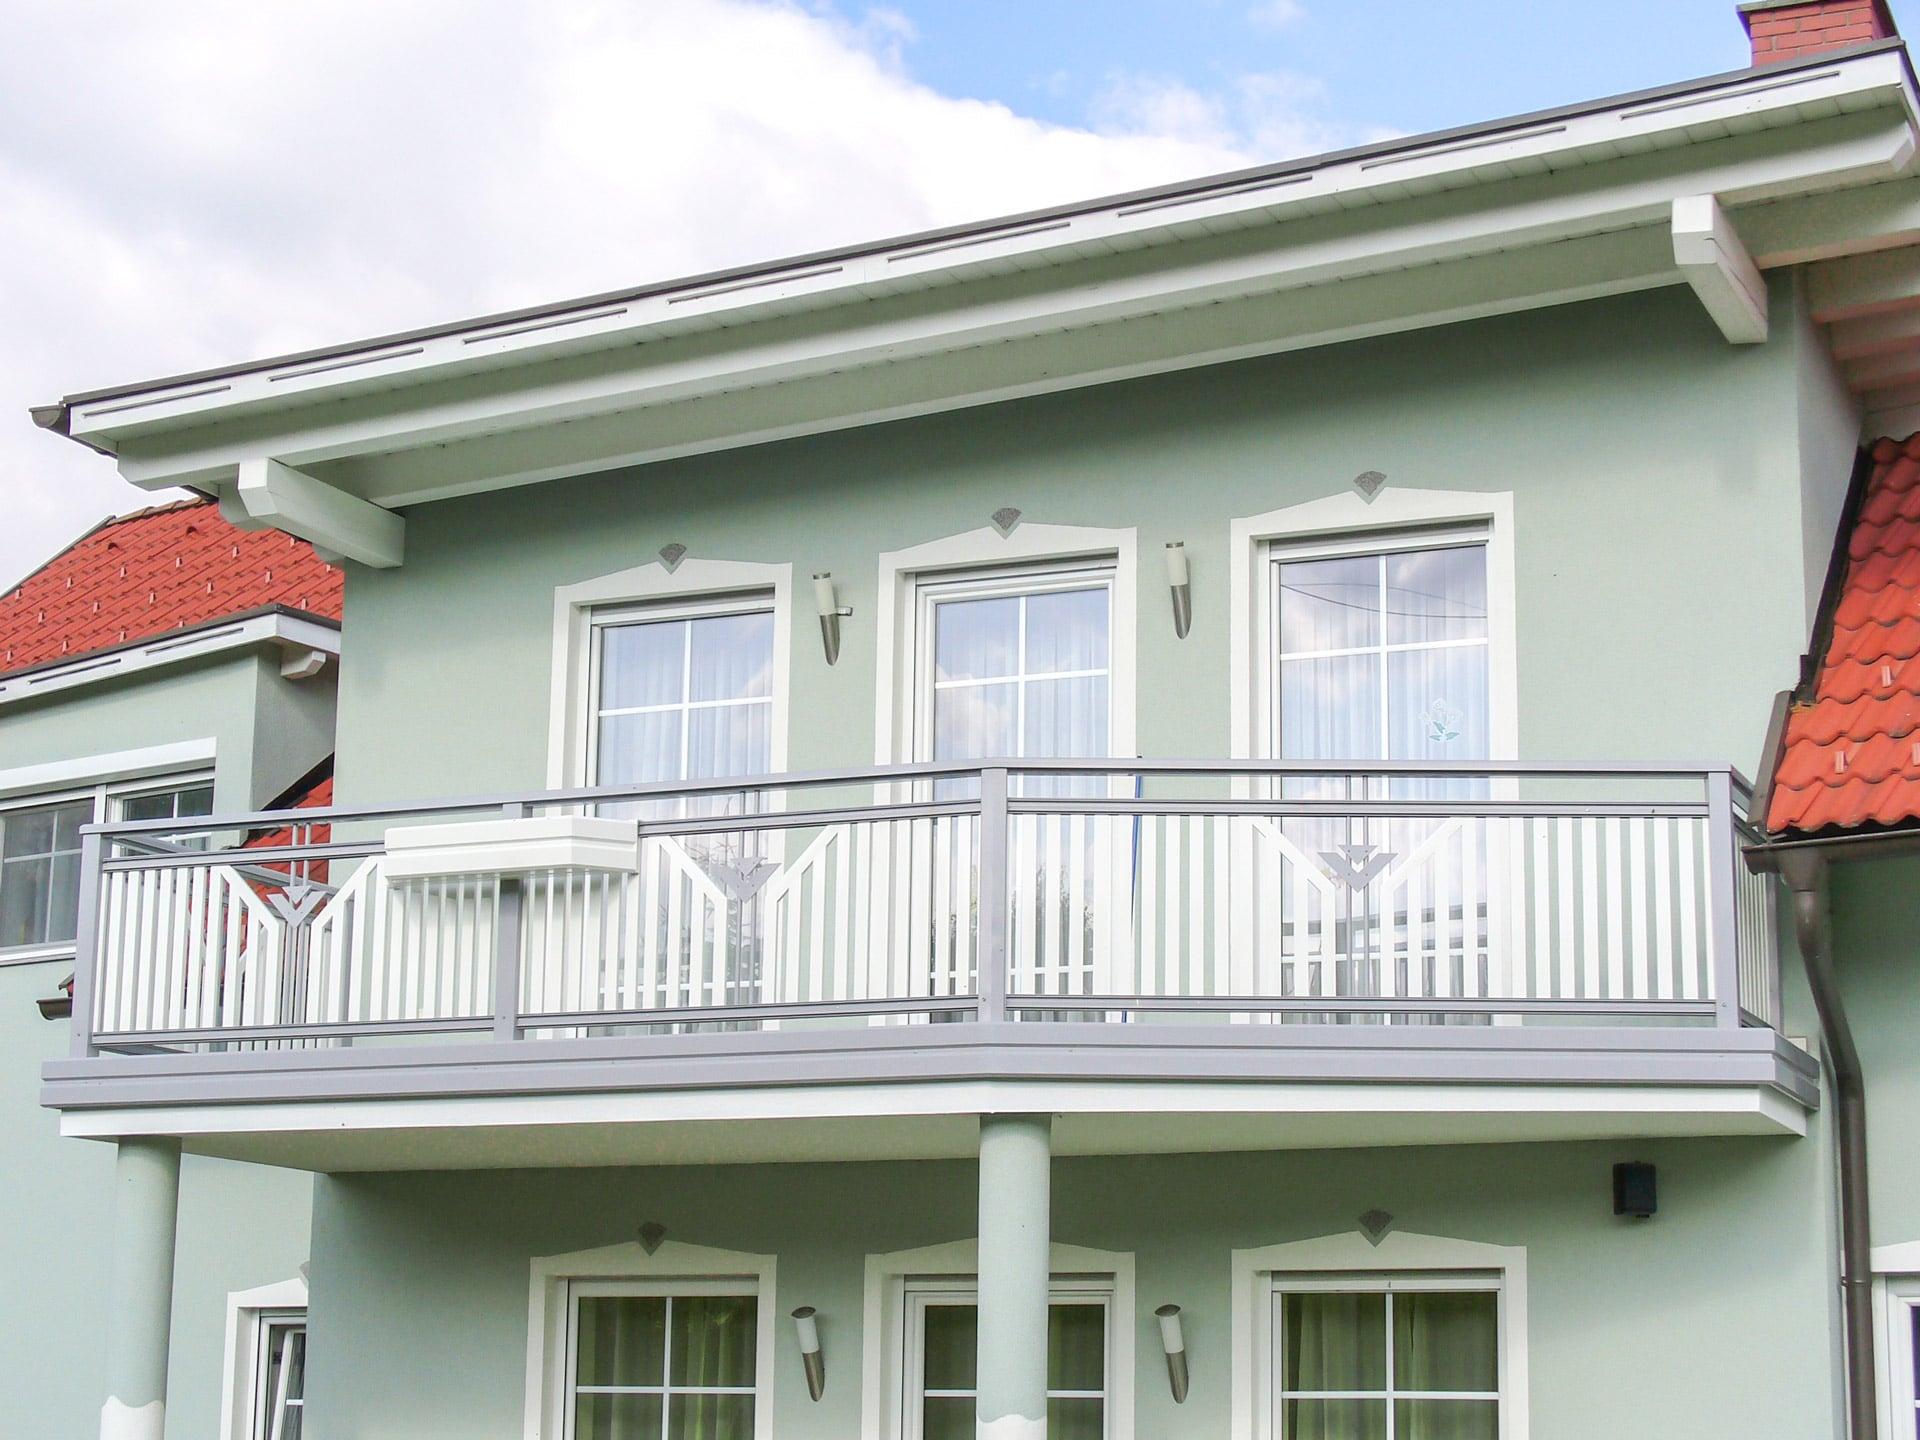 Villach 11 a | aufgesetzt montierter Alu-Lattenbalkon weiß-grau mit stirnseitiger Blende | Svoboda